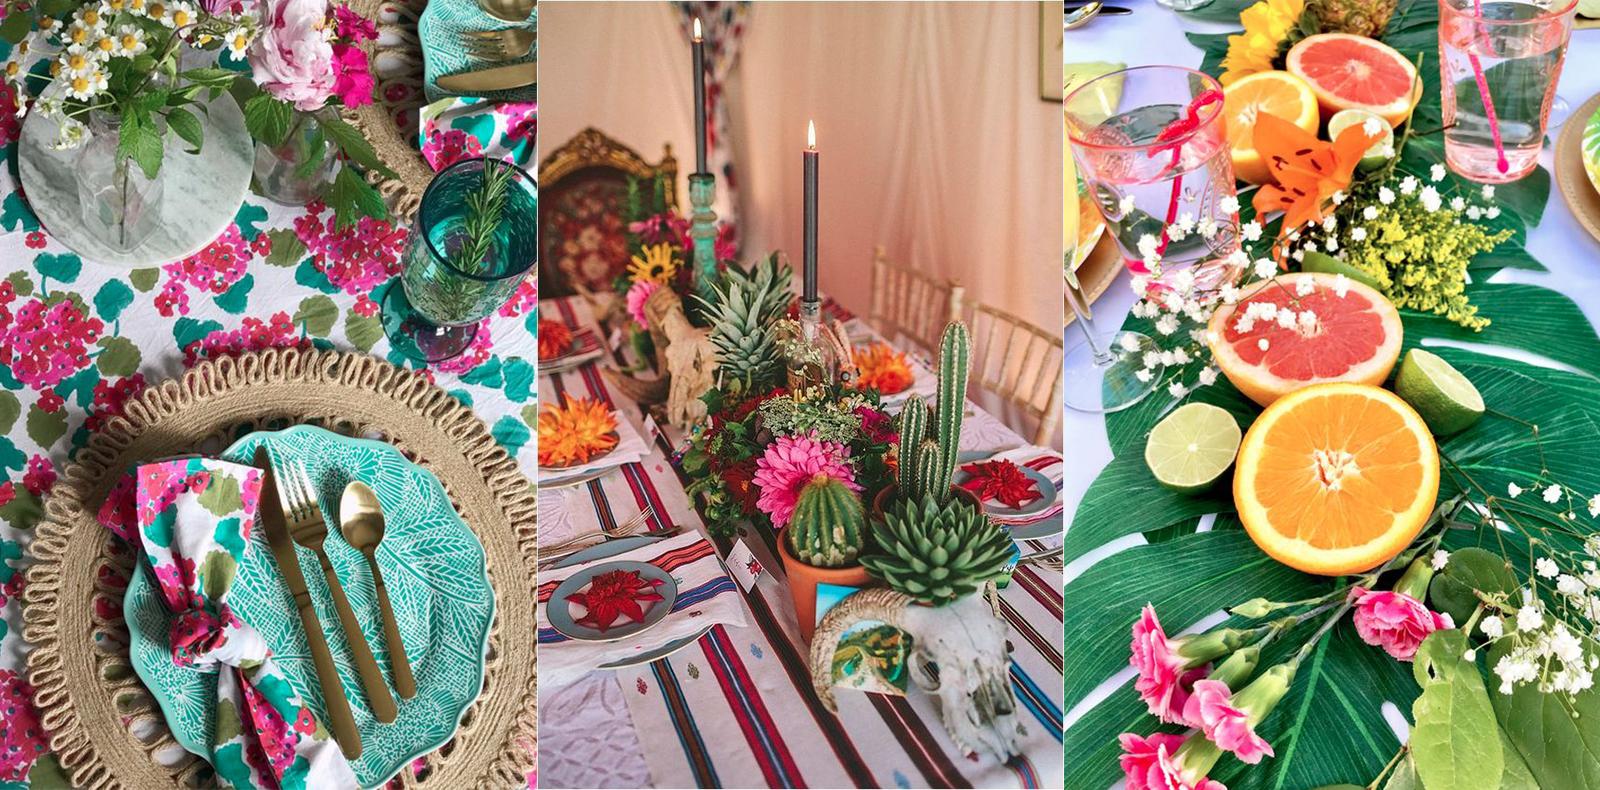 3 cách trang trí bàn tiệc mùa Hè